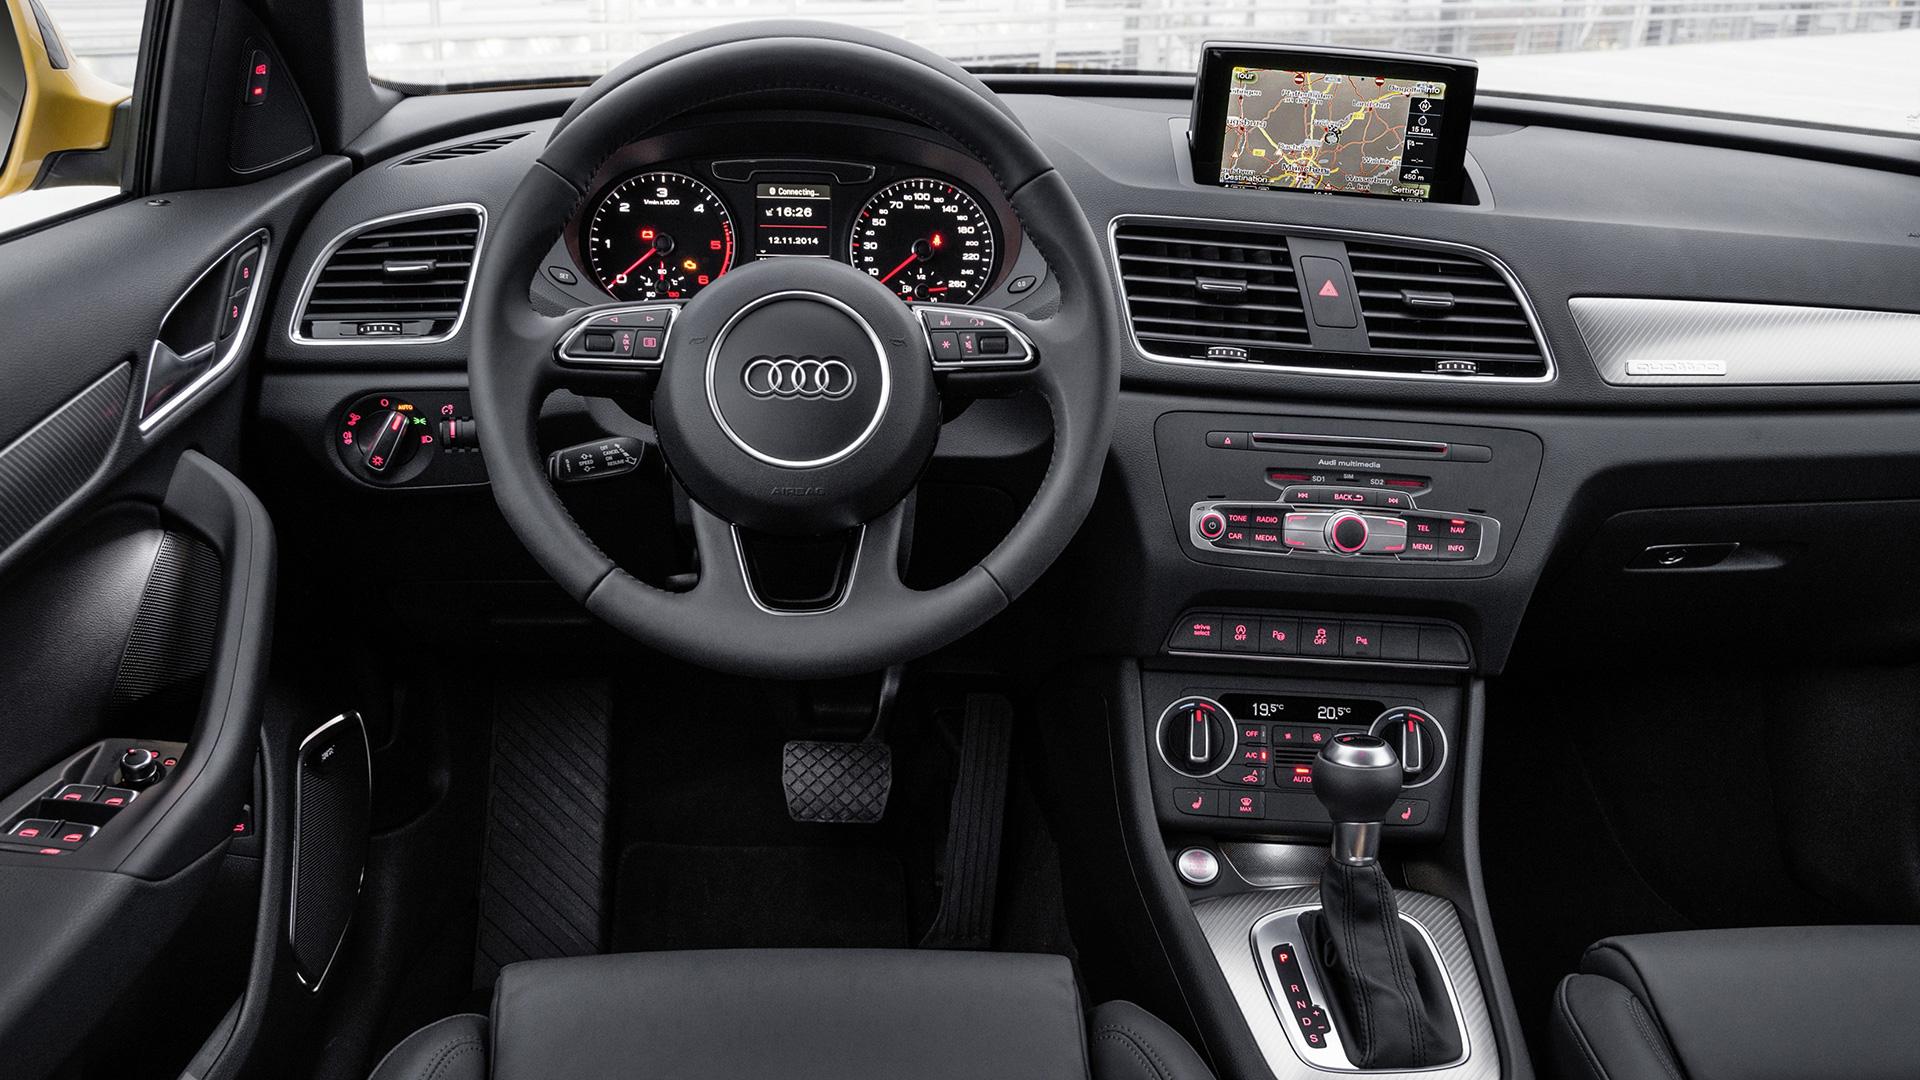 Audi-Q3-2017-2.0 TDI Quattro Exterior